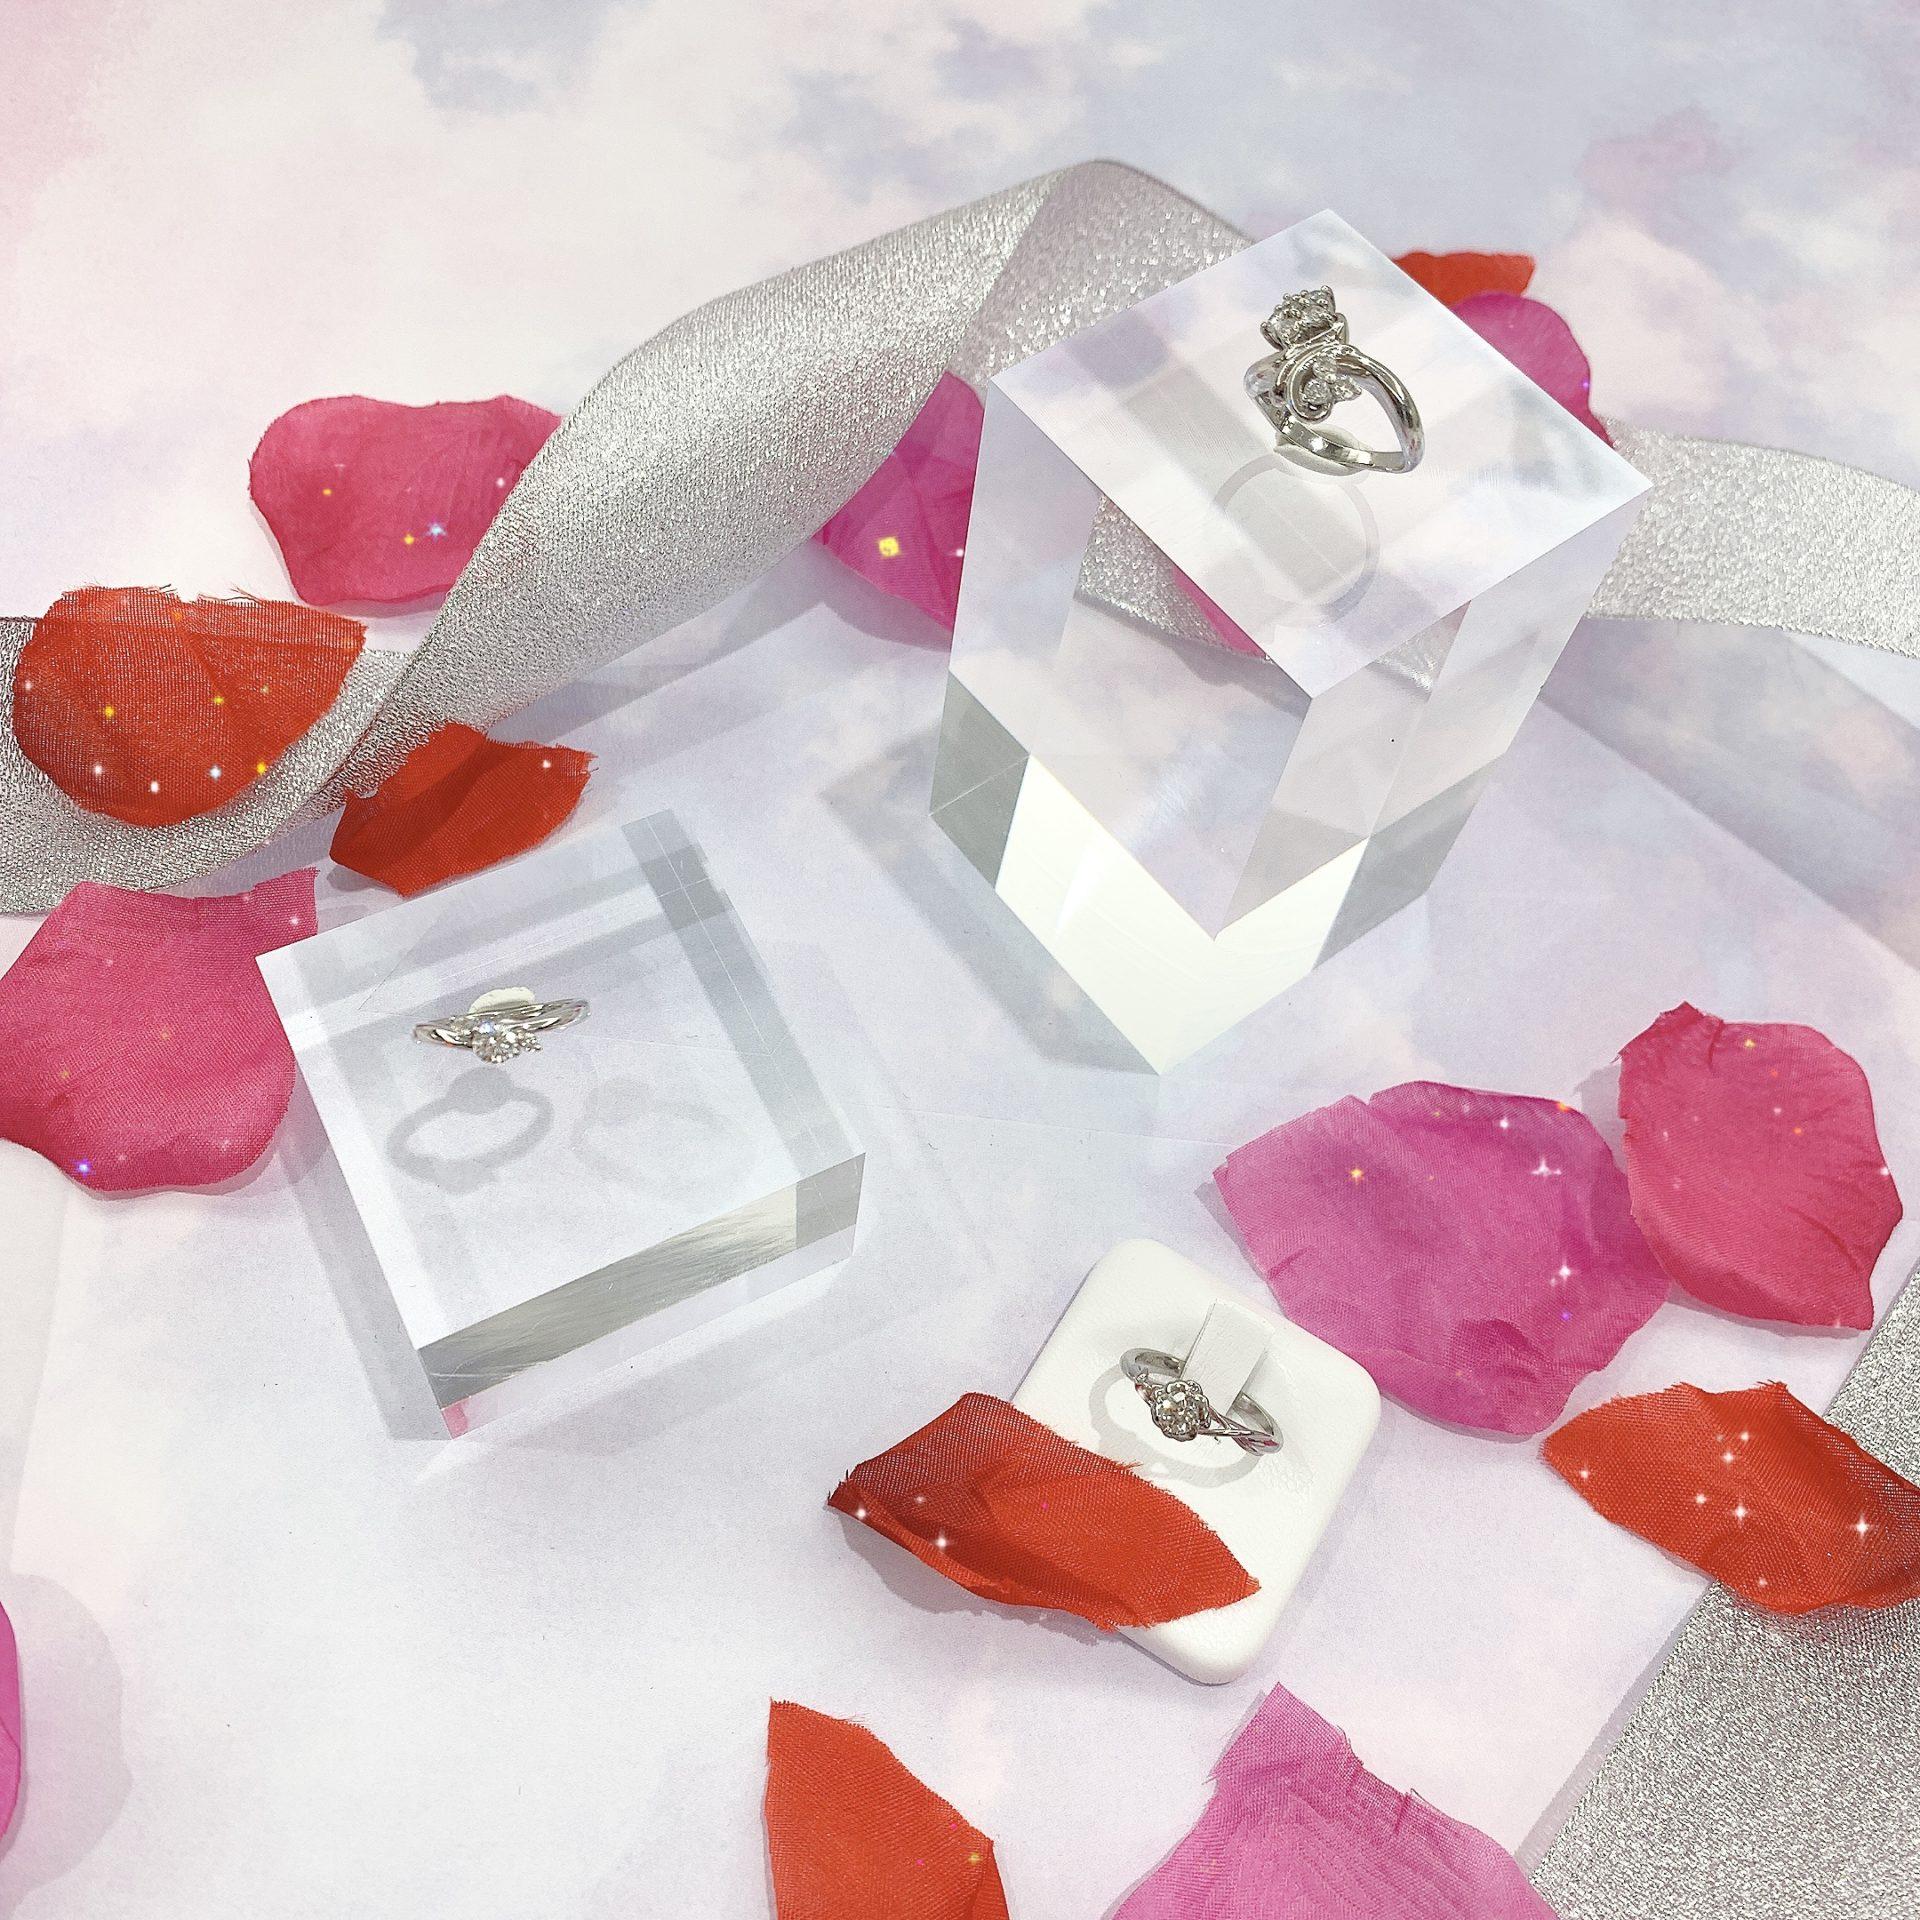 【ダイヤ 販売 盛岡】4月の誕生石『ダイヤモンド』